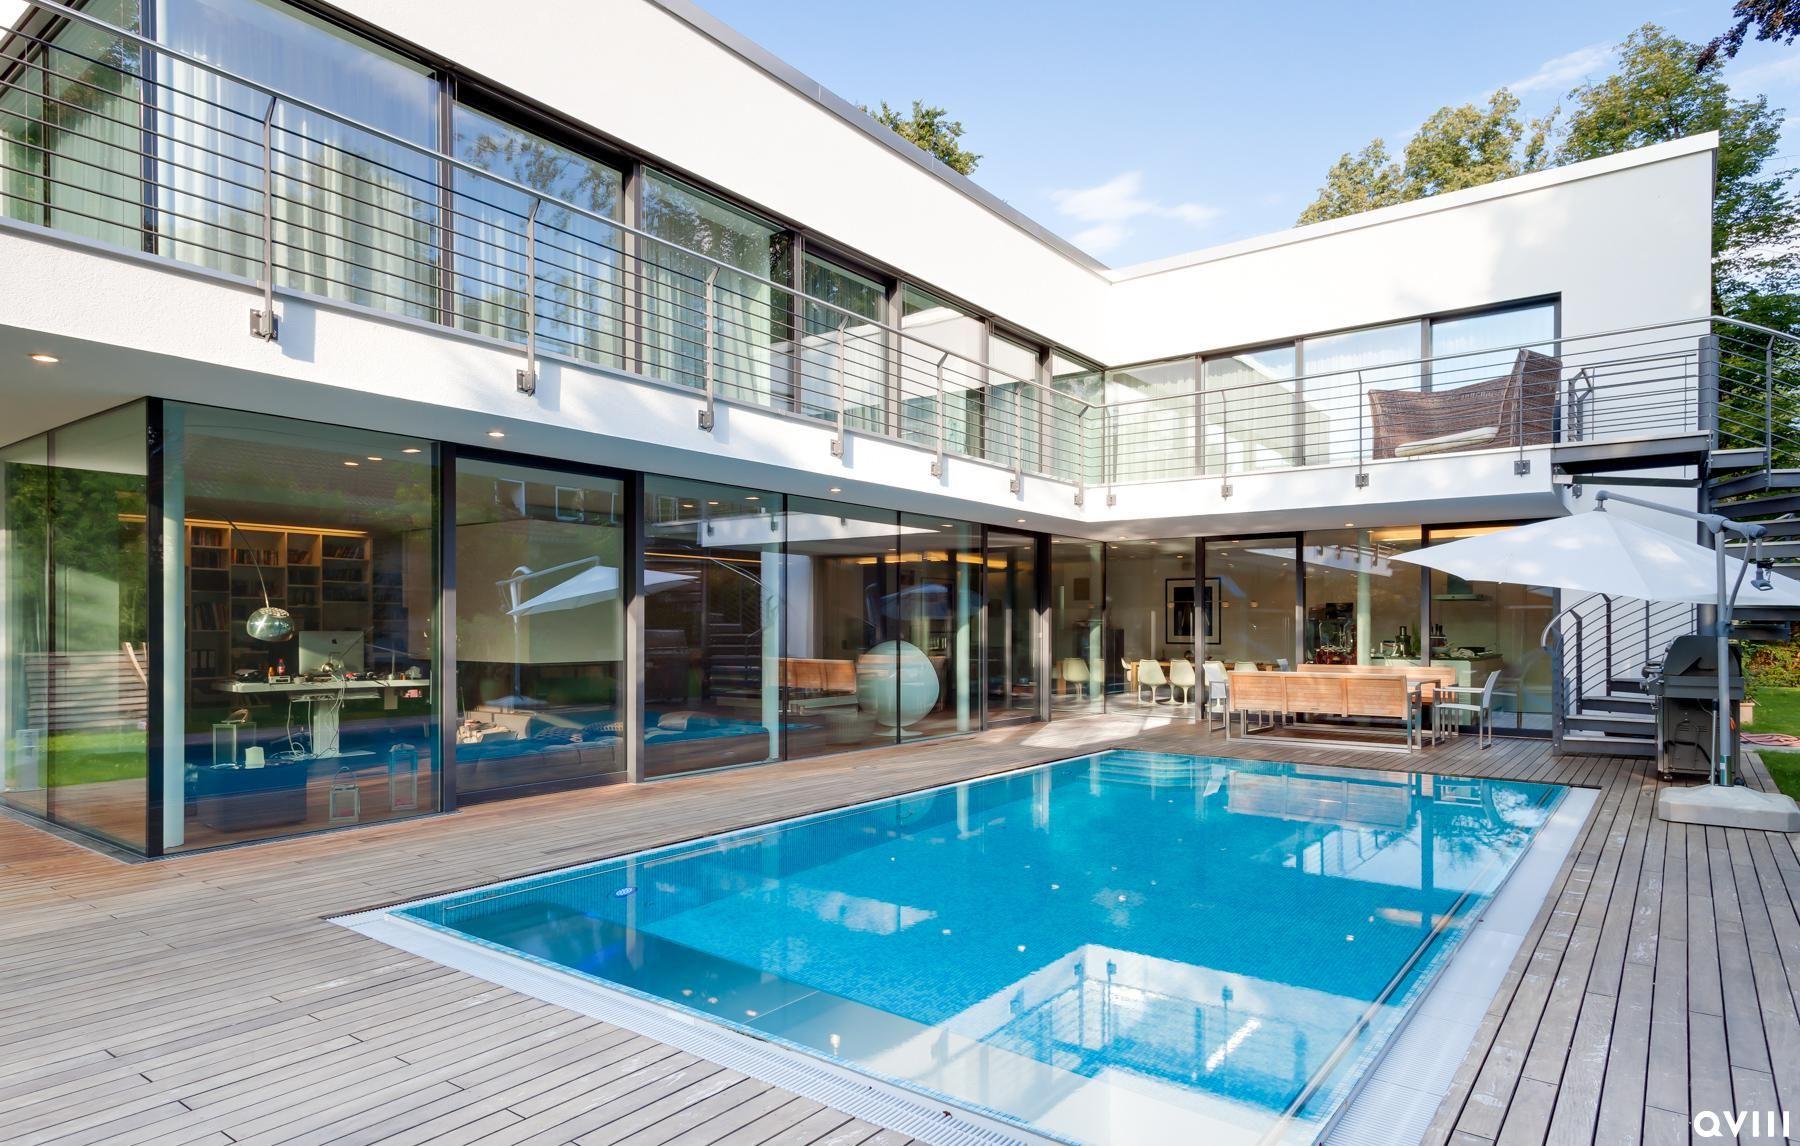 Immobilien m nchen gro z giger pool auf terrasse einer for Bauhaus pool